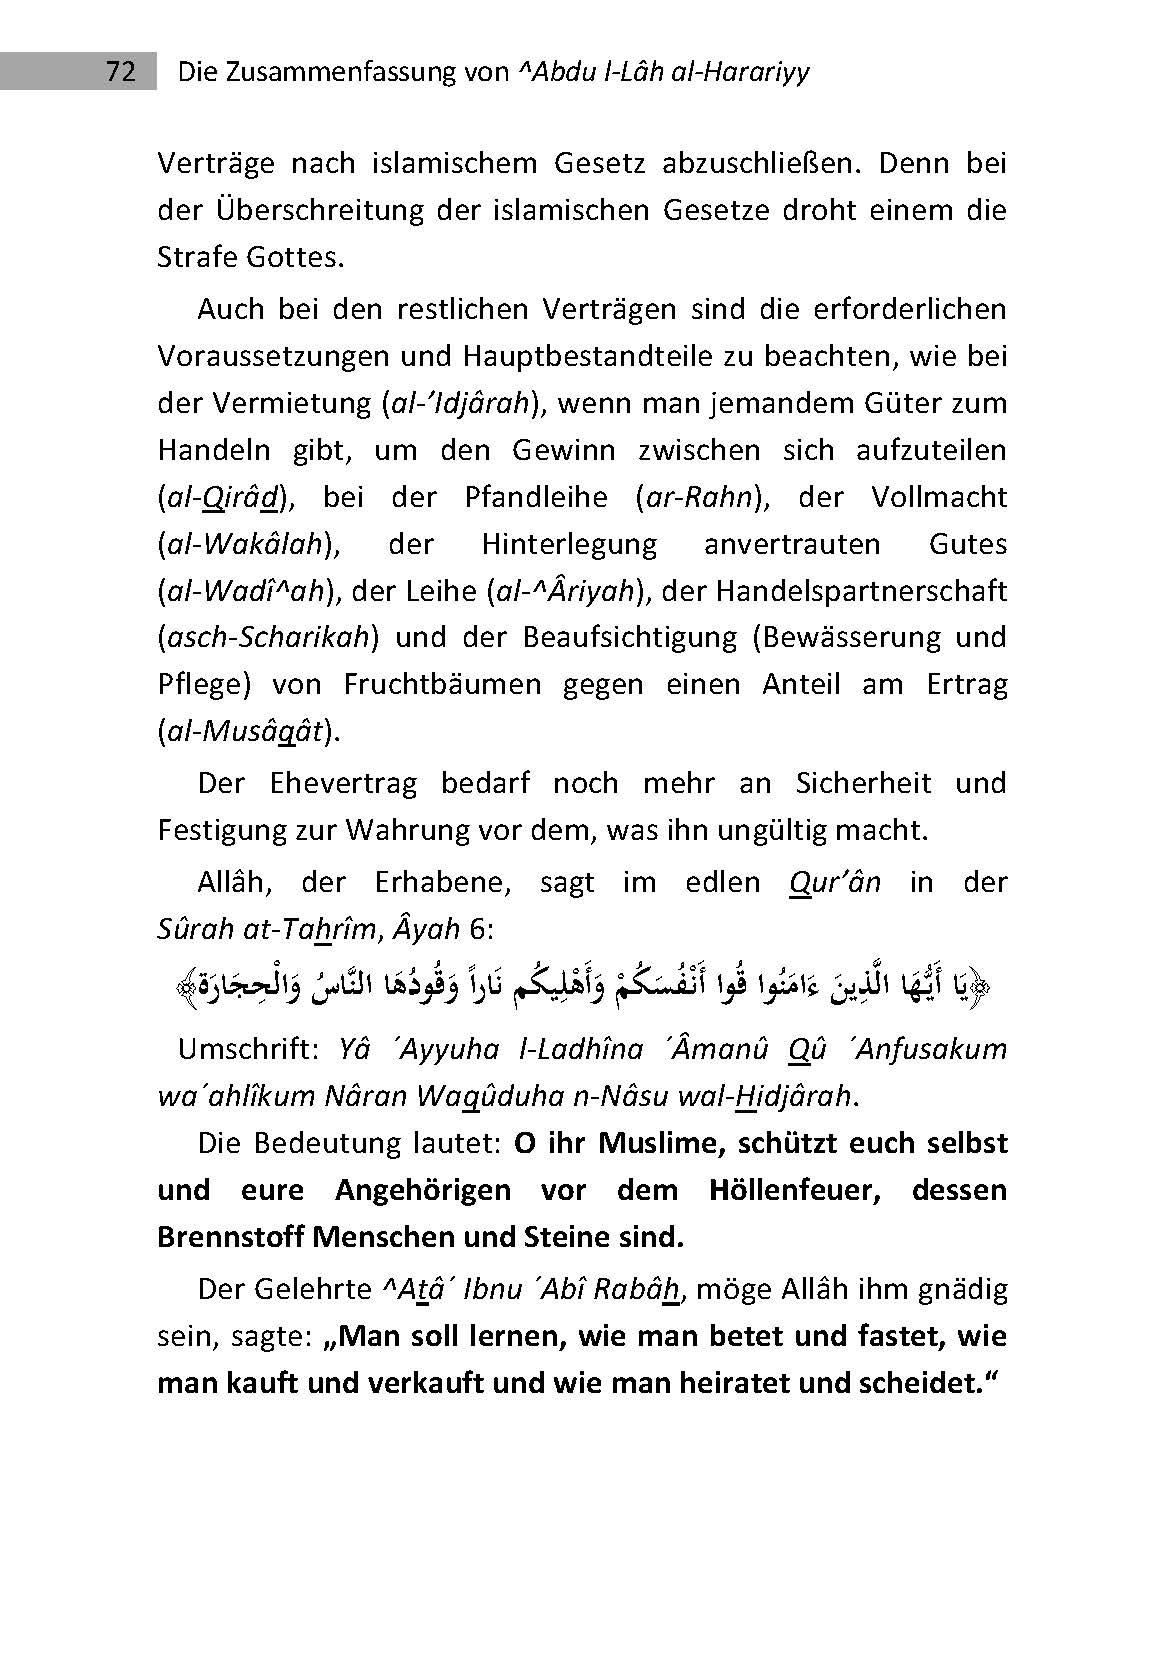 Die Zusammenfassung - 3. Auflage 2014_Seite_72